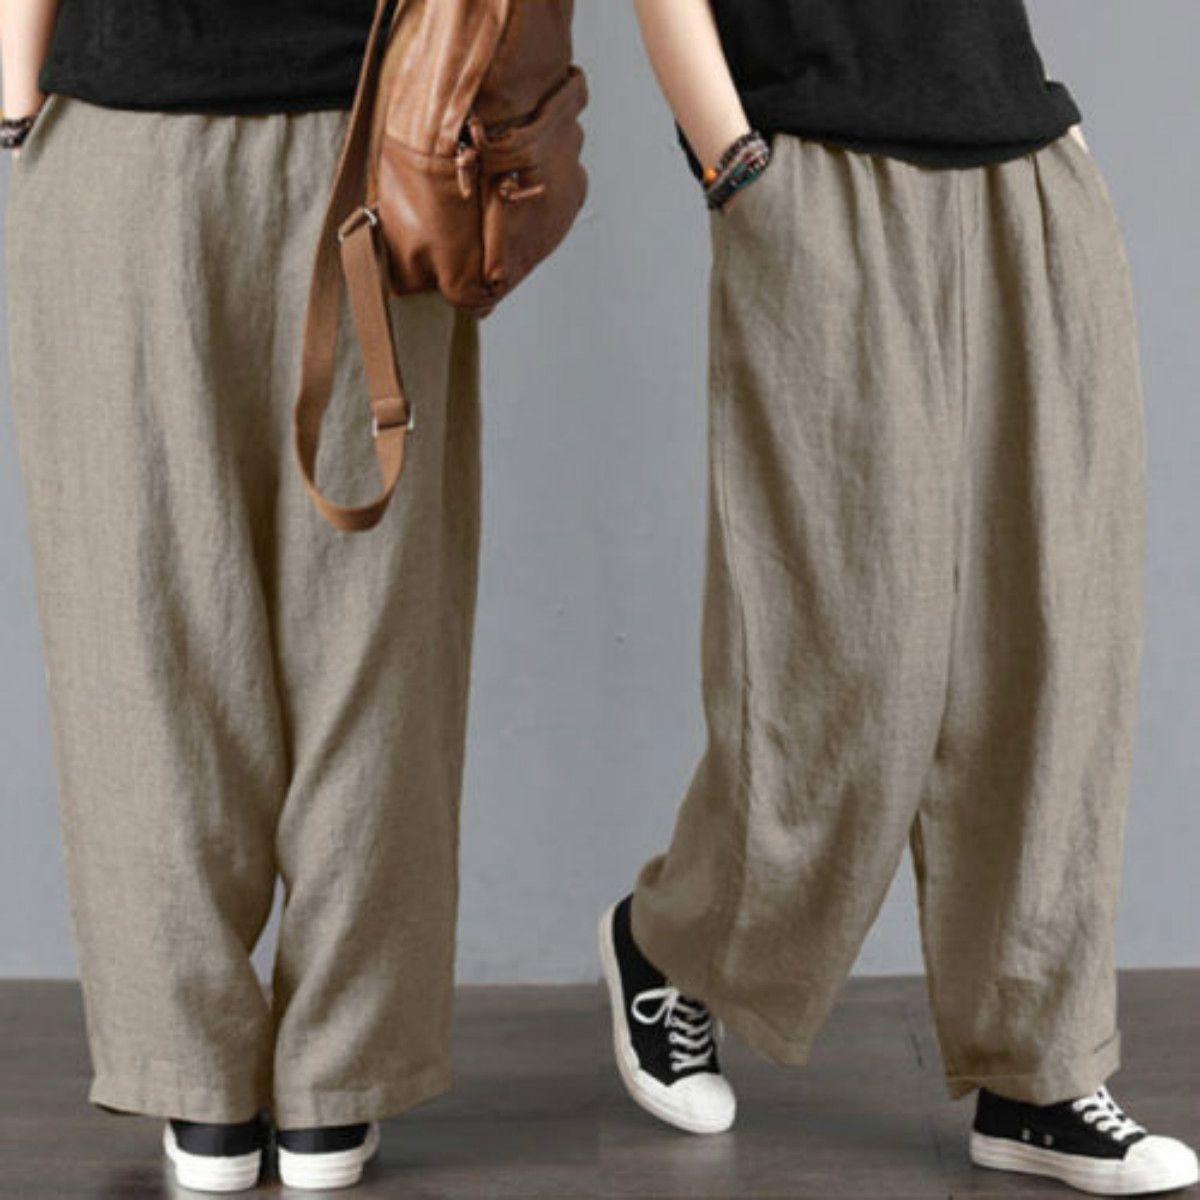 Pantalones de pierna ancha Nuevos hombres de marca Pantalones sueltos de pierna ancha Pantalón de algodón Pantalones casuales Pantalones Harem Talla grande